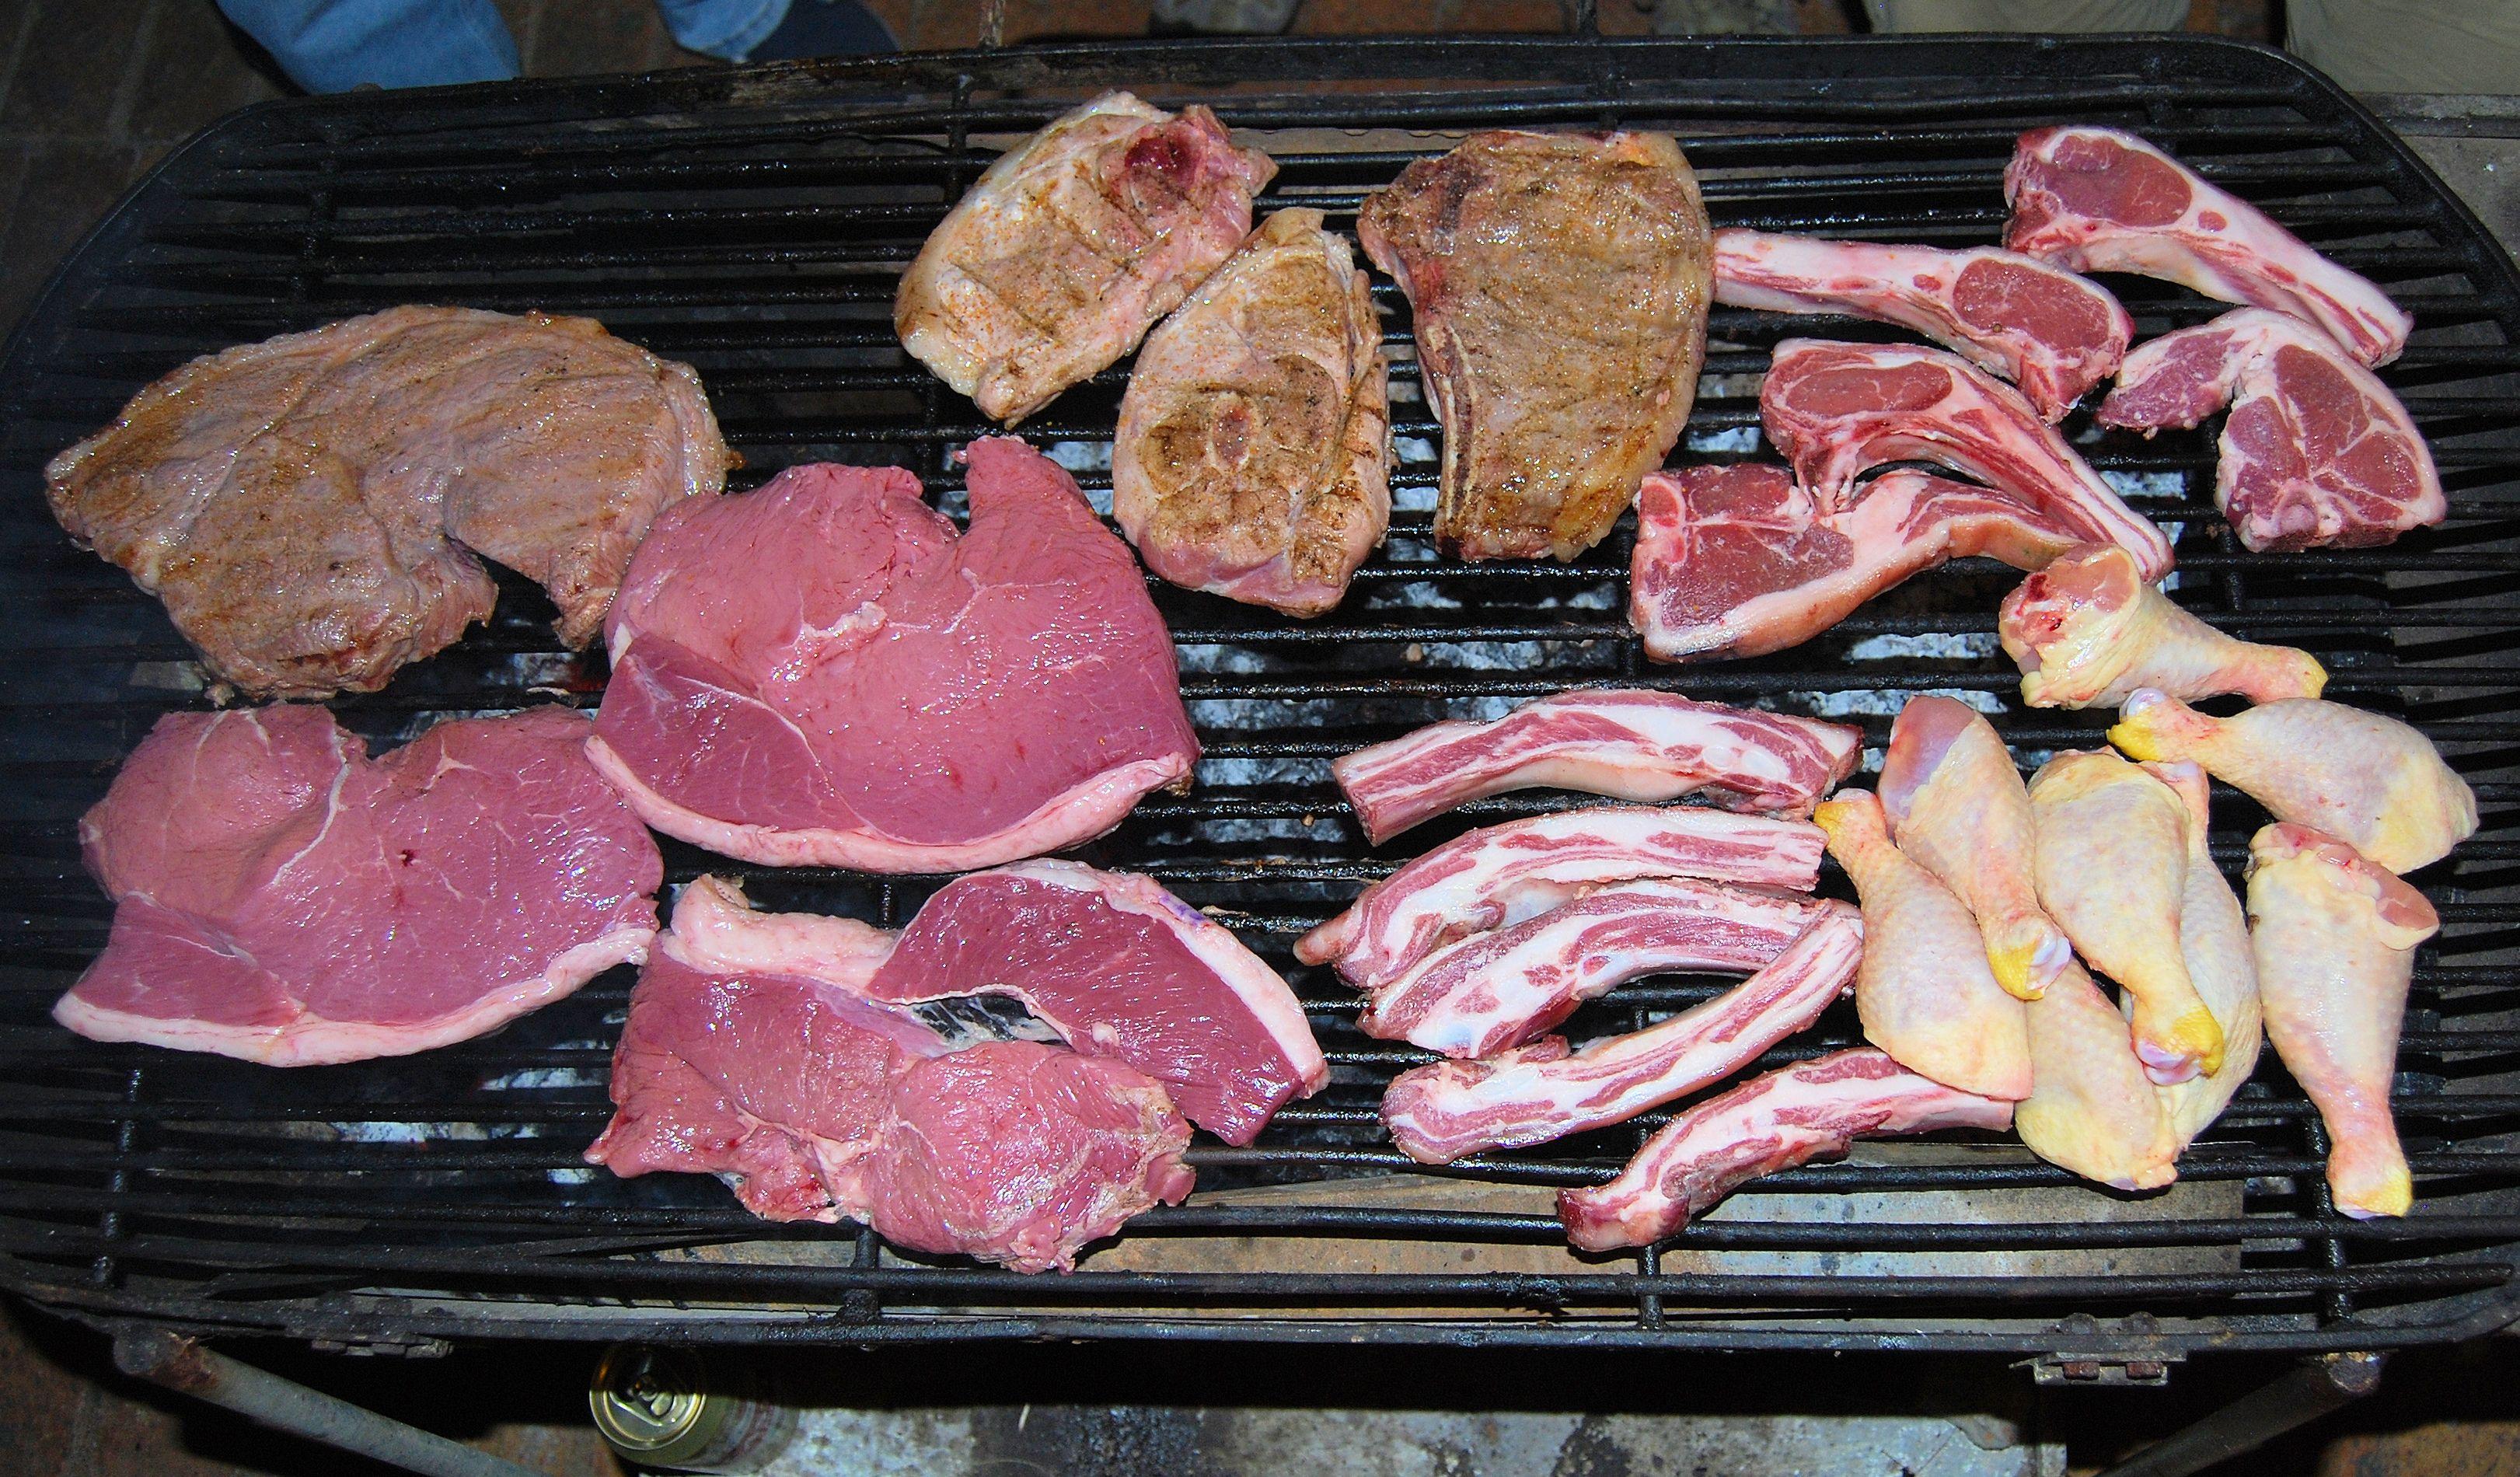 File:Meat on a braai 01.jpg - Wikimedia Commons